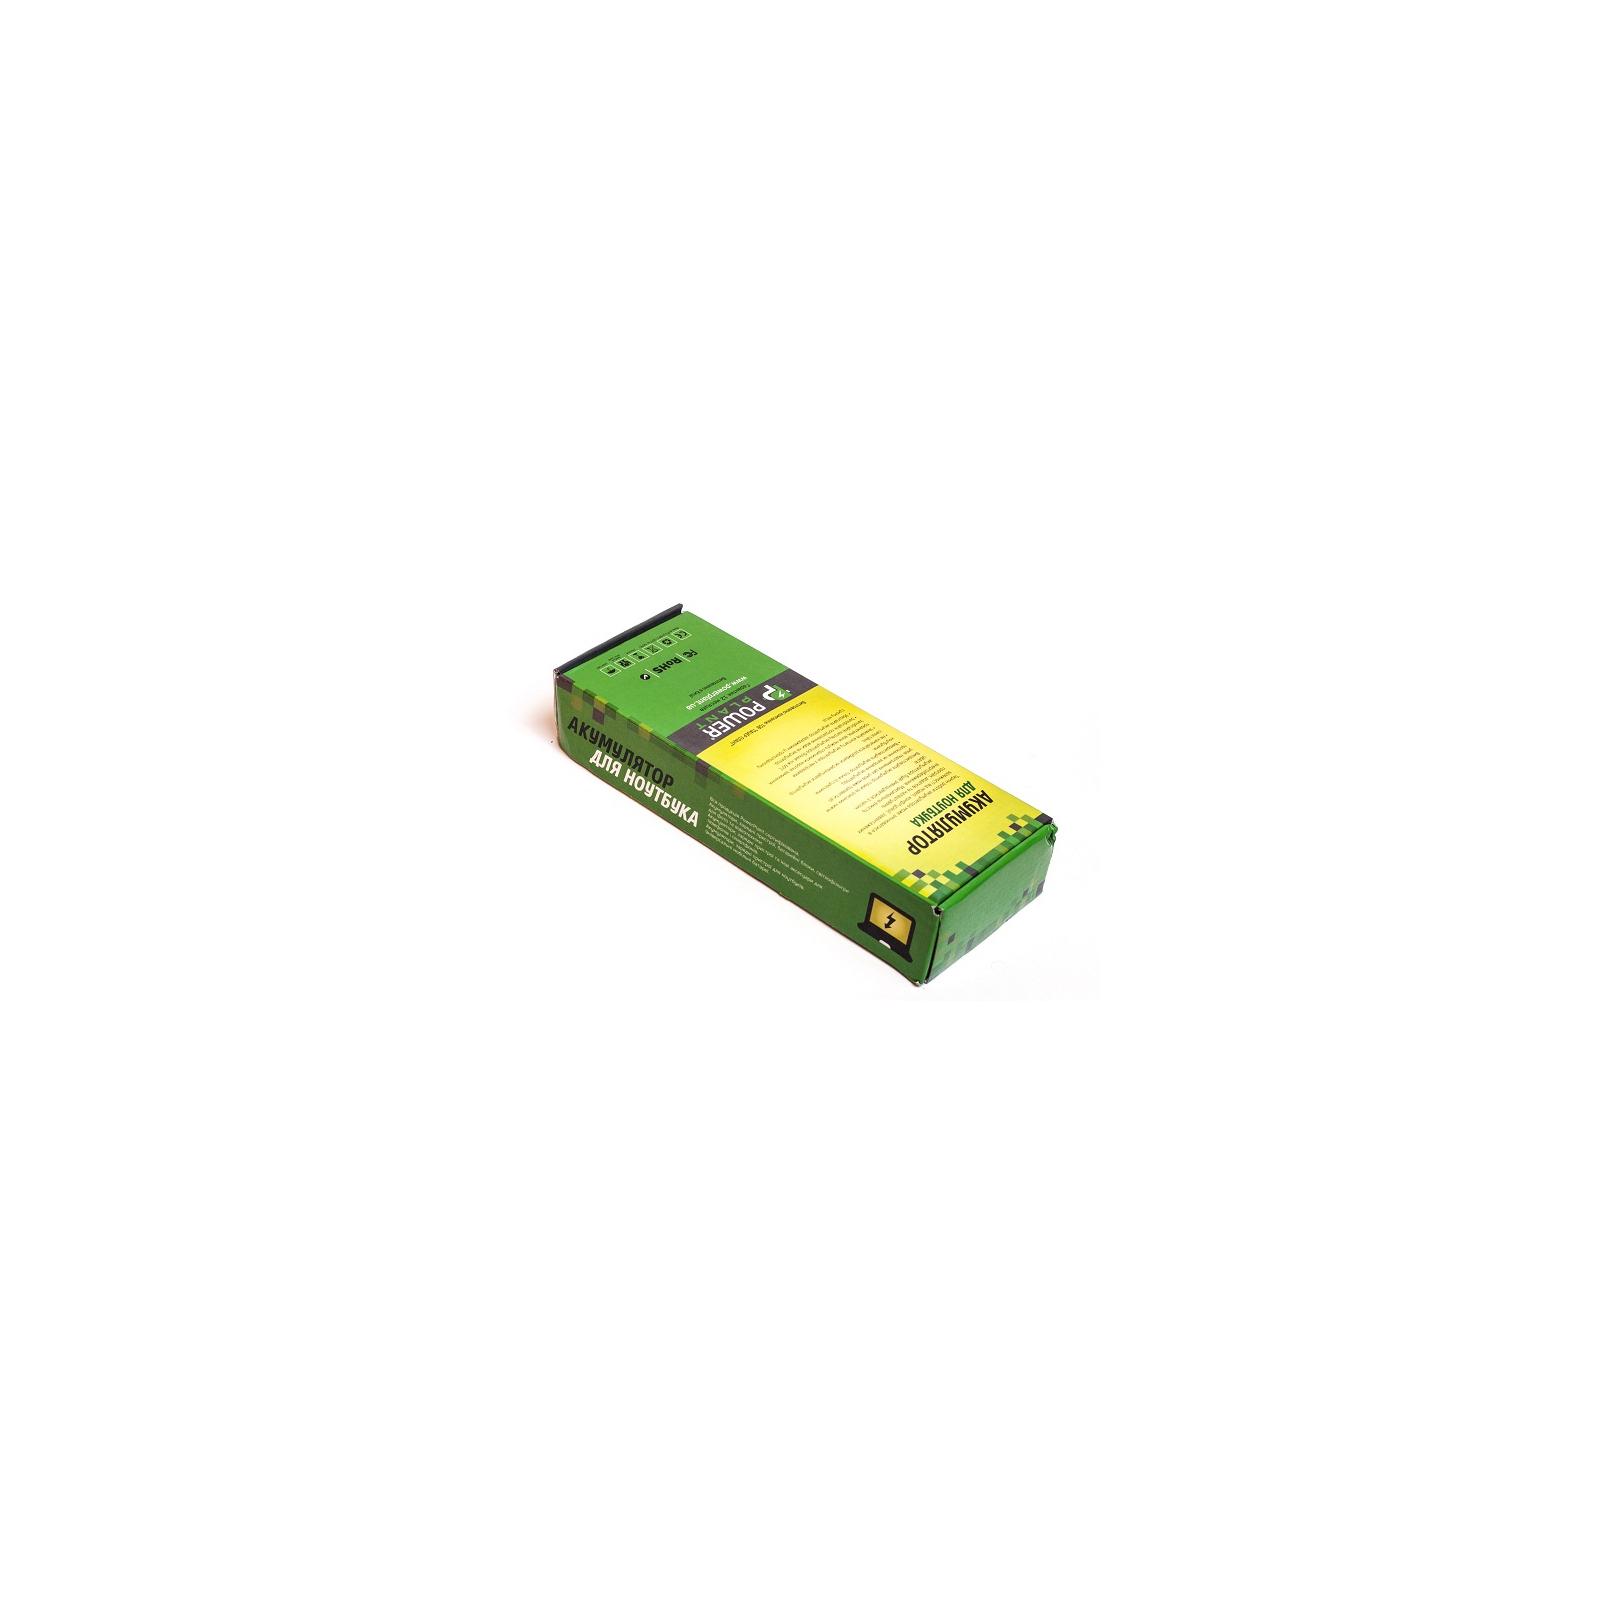 Аккумулятор для ноутбука TOSHIBA Dynabook T752 (PA5024U-1BRS) 10.8V 4400mAh PowerPlant (NB00000040) изображение 2